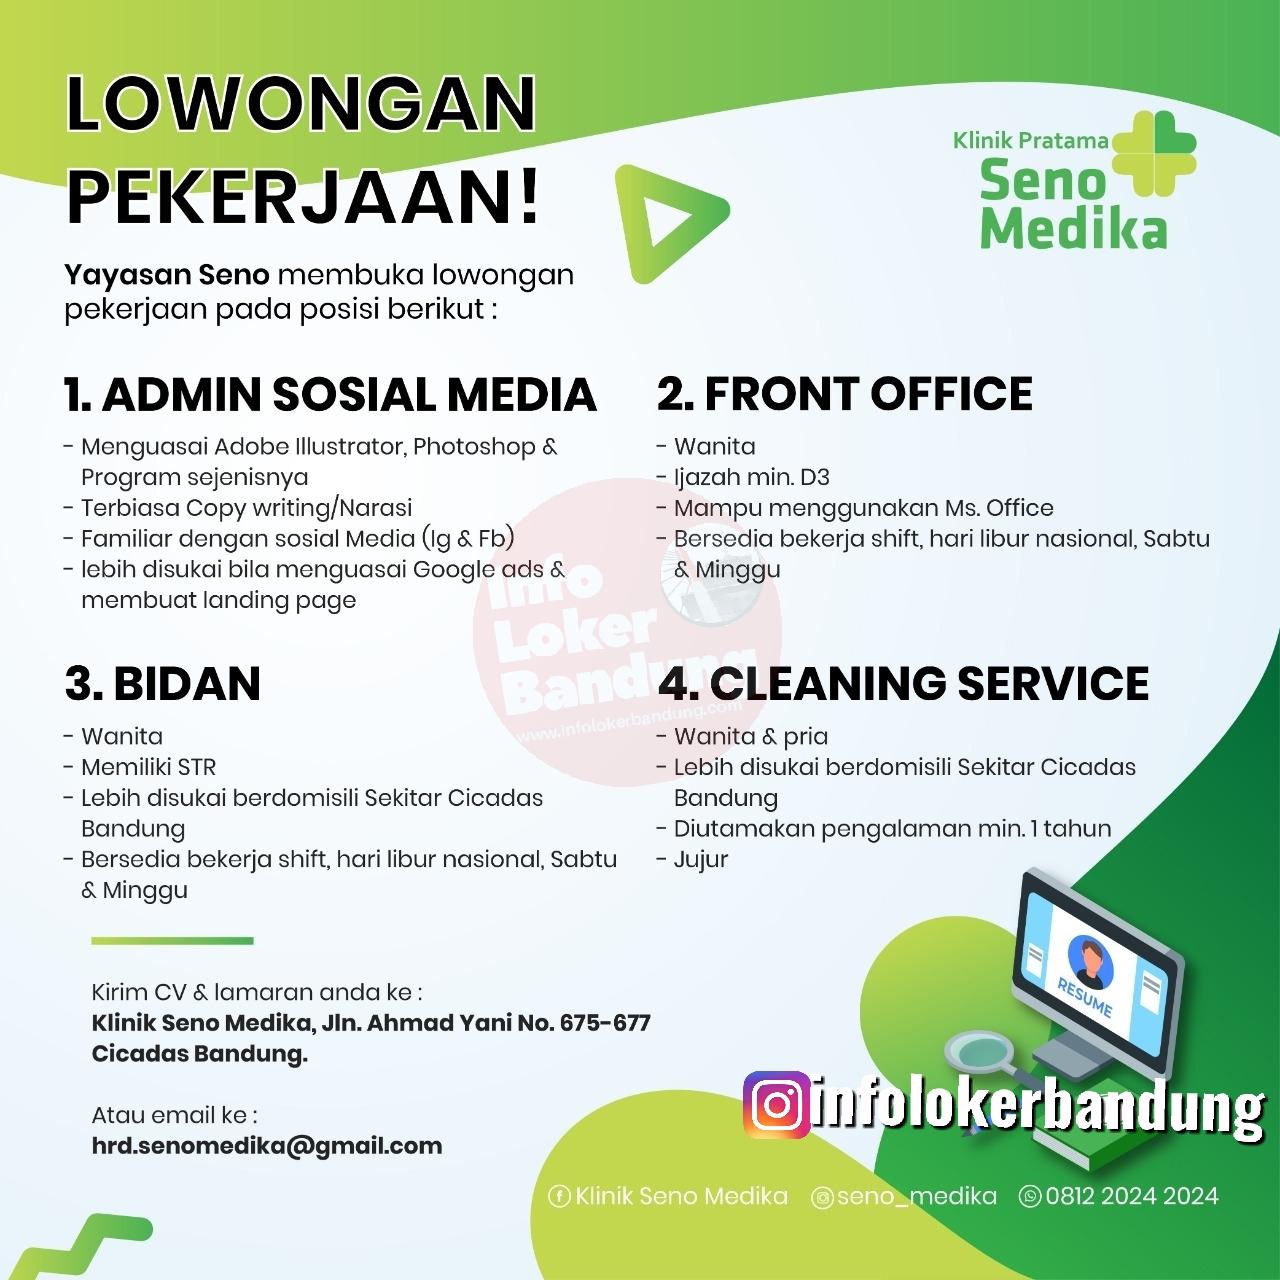 Lowongan Kerja Klinik Pratama Seno Medika Bandung Januari 2020